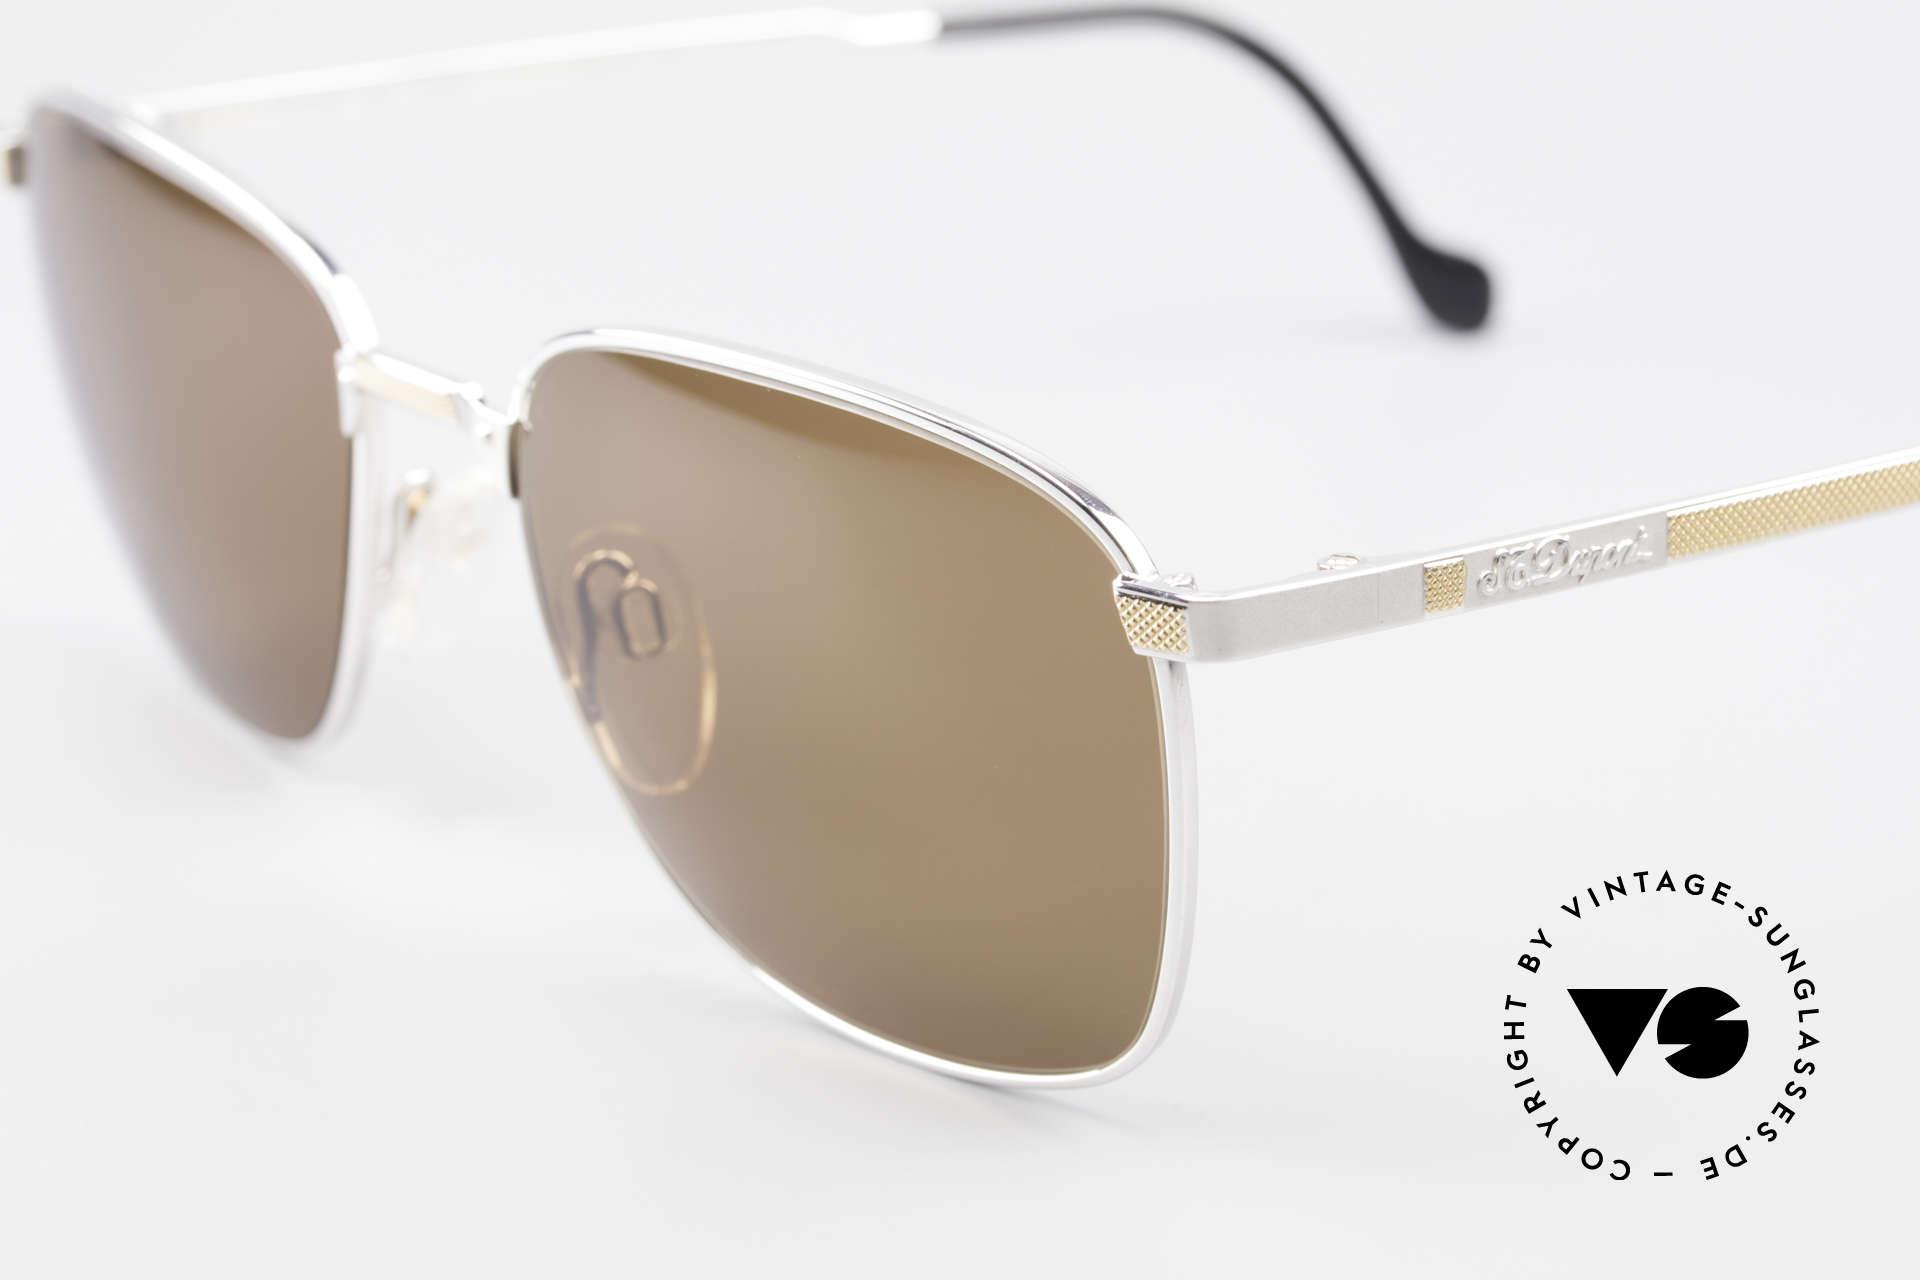 S.T. Dupont D048 90er Luxus Sonnenbrille 23kt, inkl. orig. St. Dupont Etui, Putztuch, Zertifikat & Box, Passend für Herren